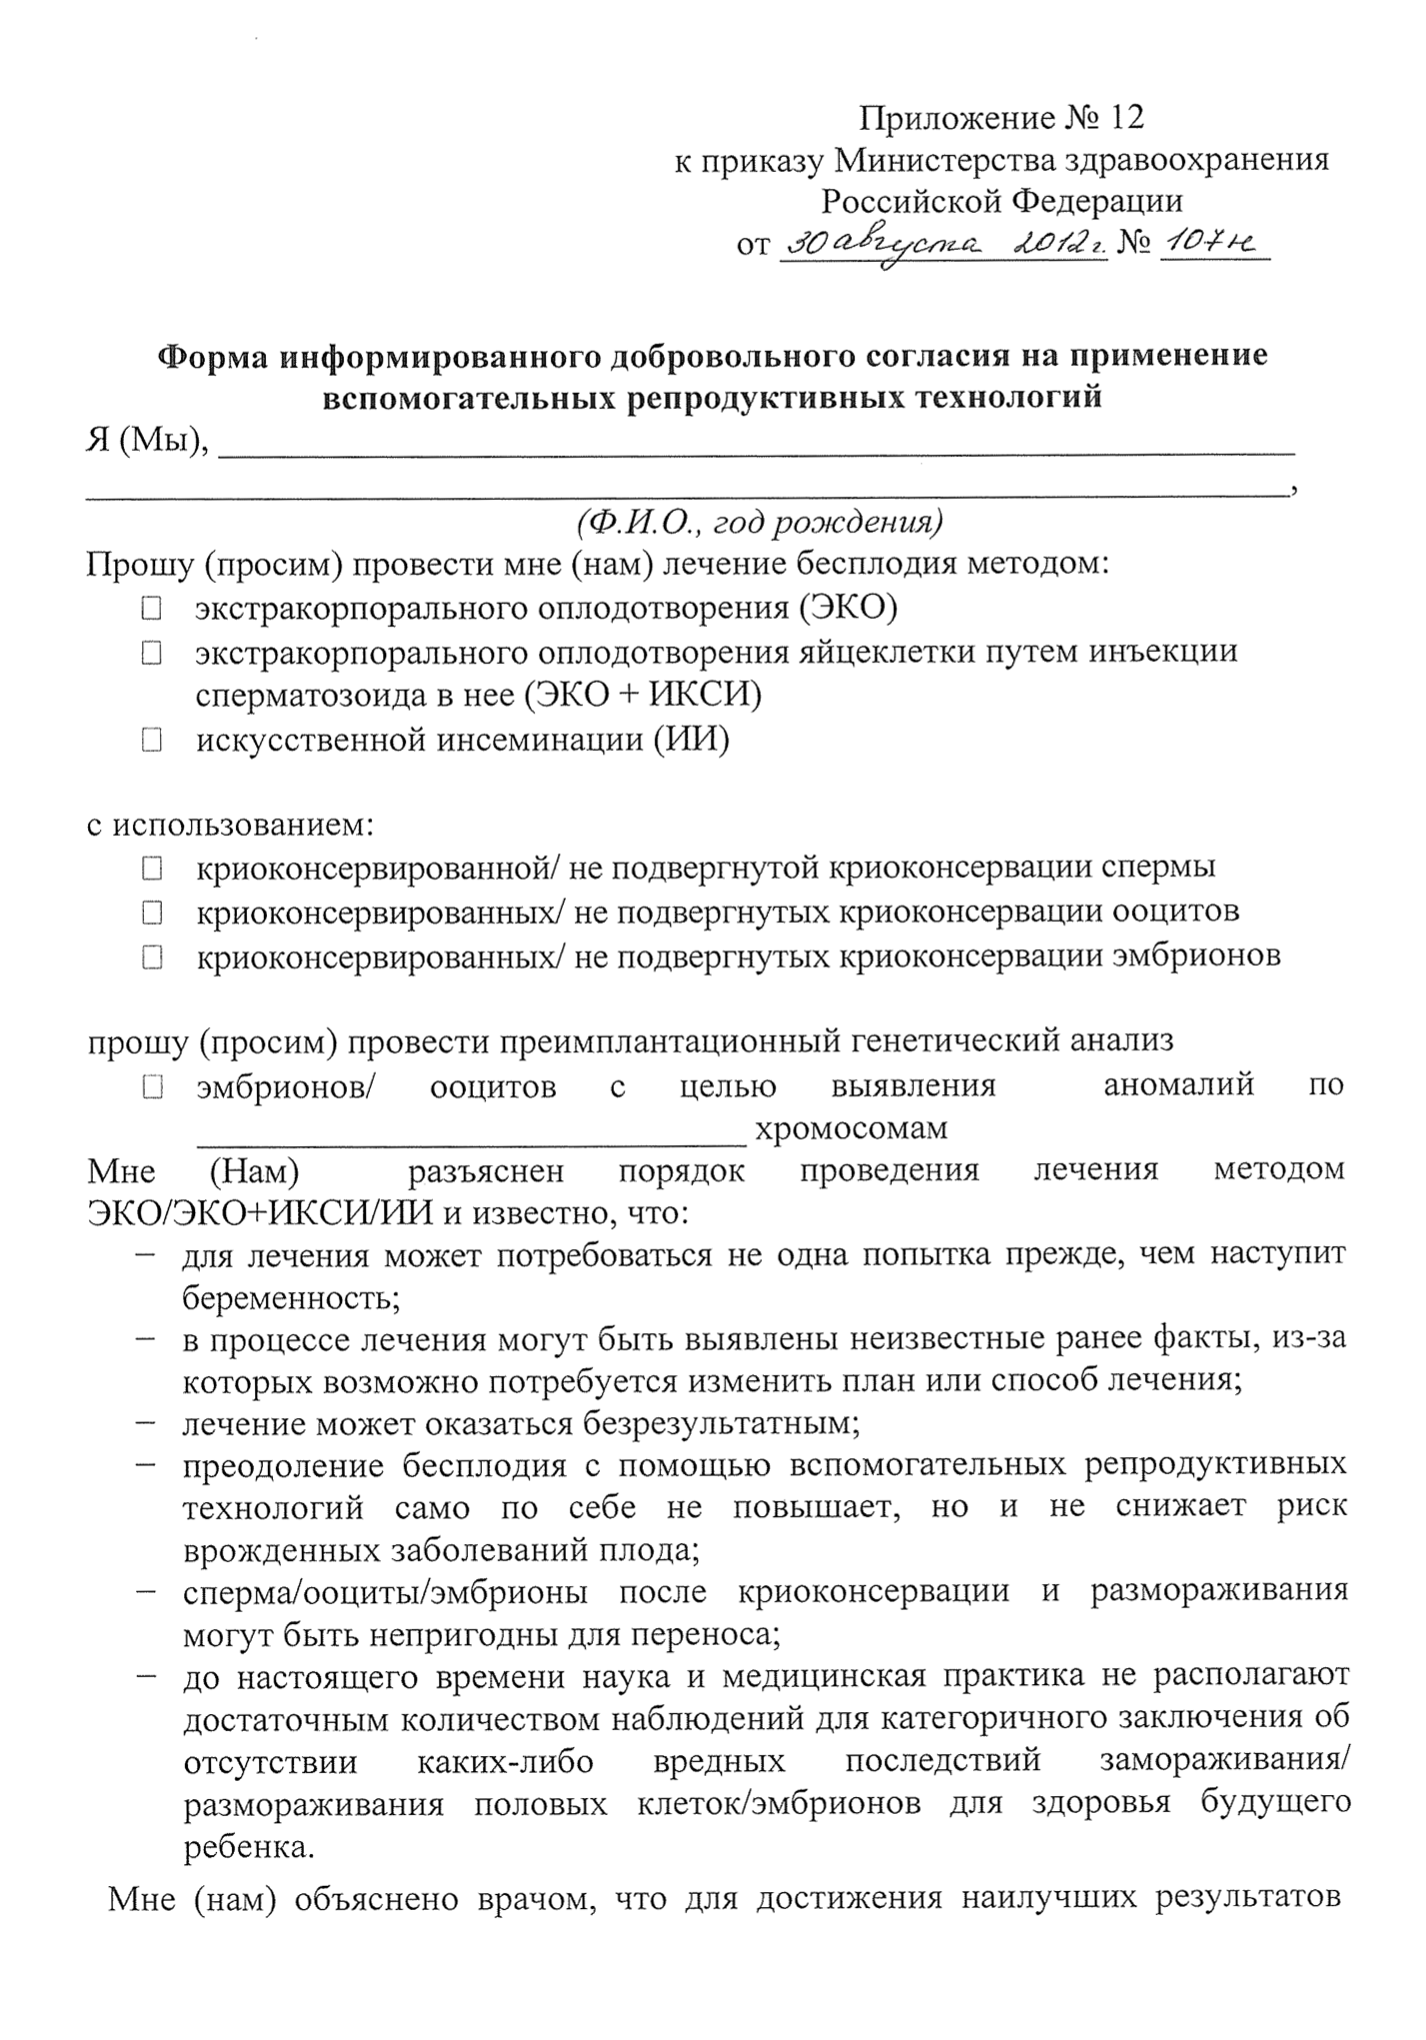 Приложение №12 к приказу Минздрава от 30.08.2020 №107н — форма добровольного согласия наЭКО. Внем есть предупреждение, что ЭКО может привести косложнениям, абеременность может оказаться многоплодной, внематочной или прерваться